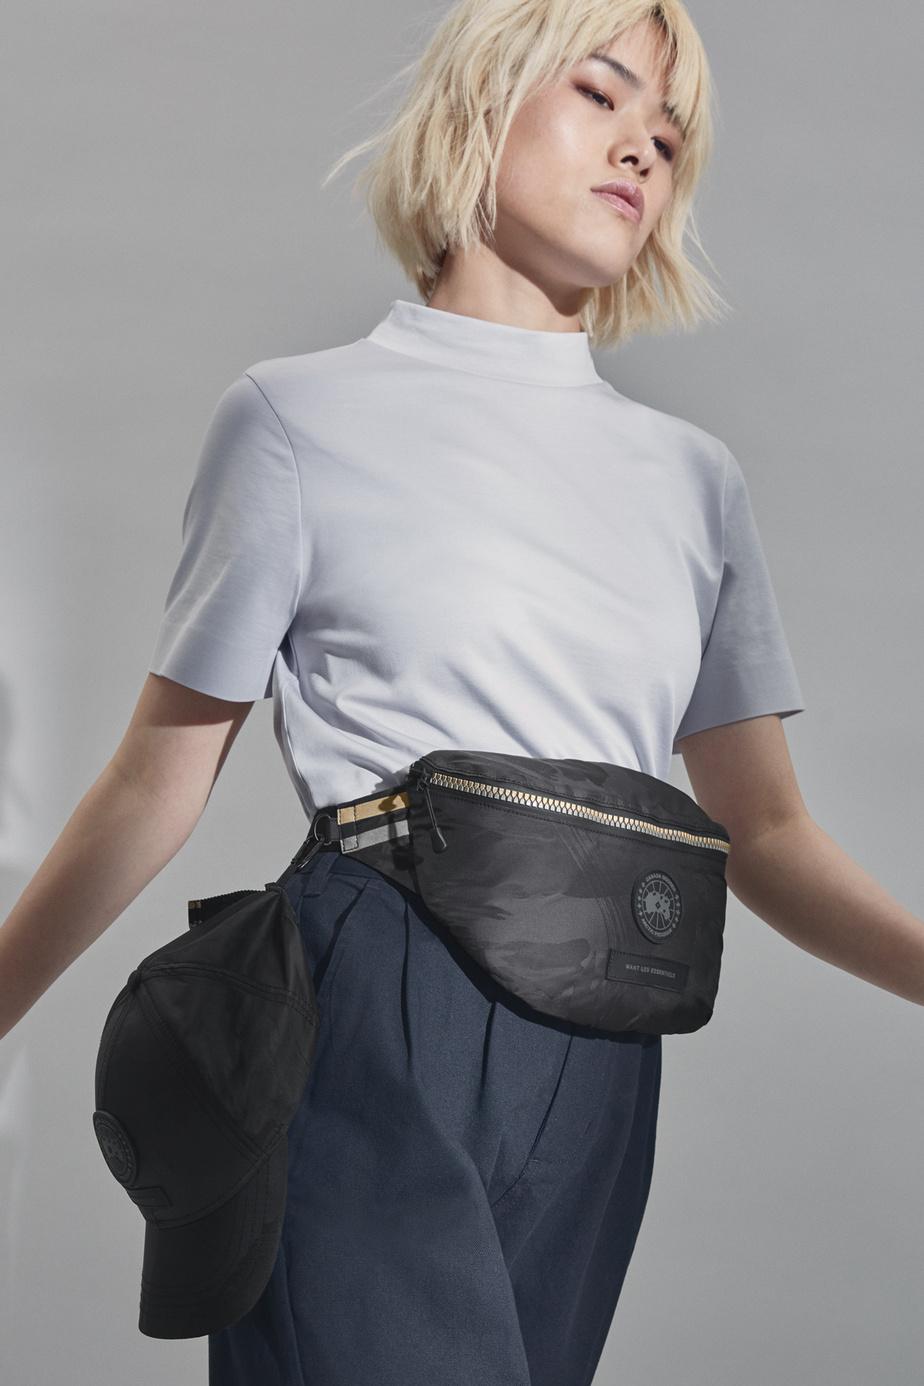 Le sac de ceintureW270 (395$) et la casquetteS180 (180$)